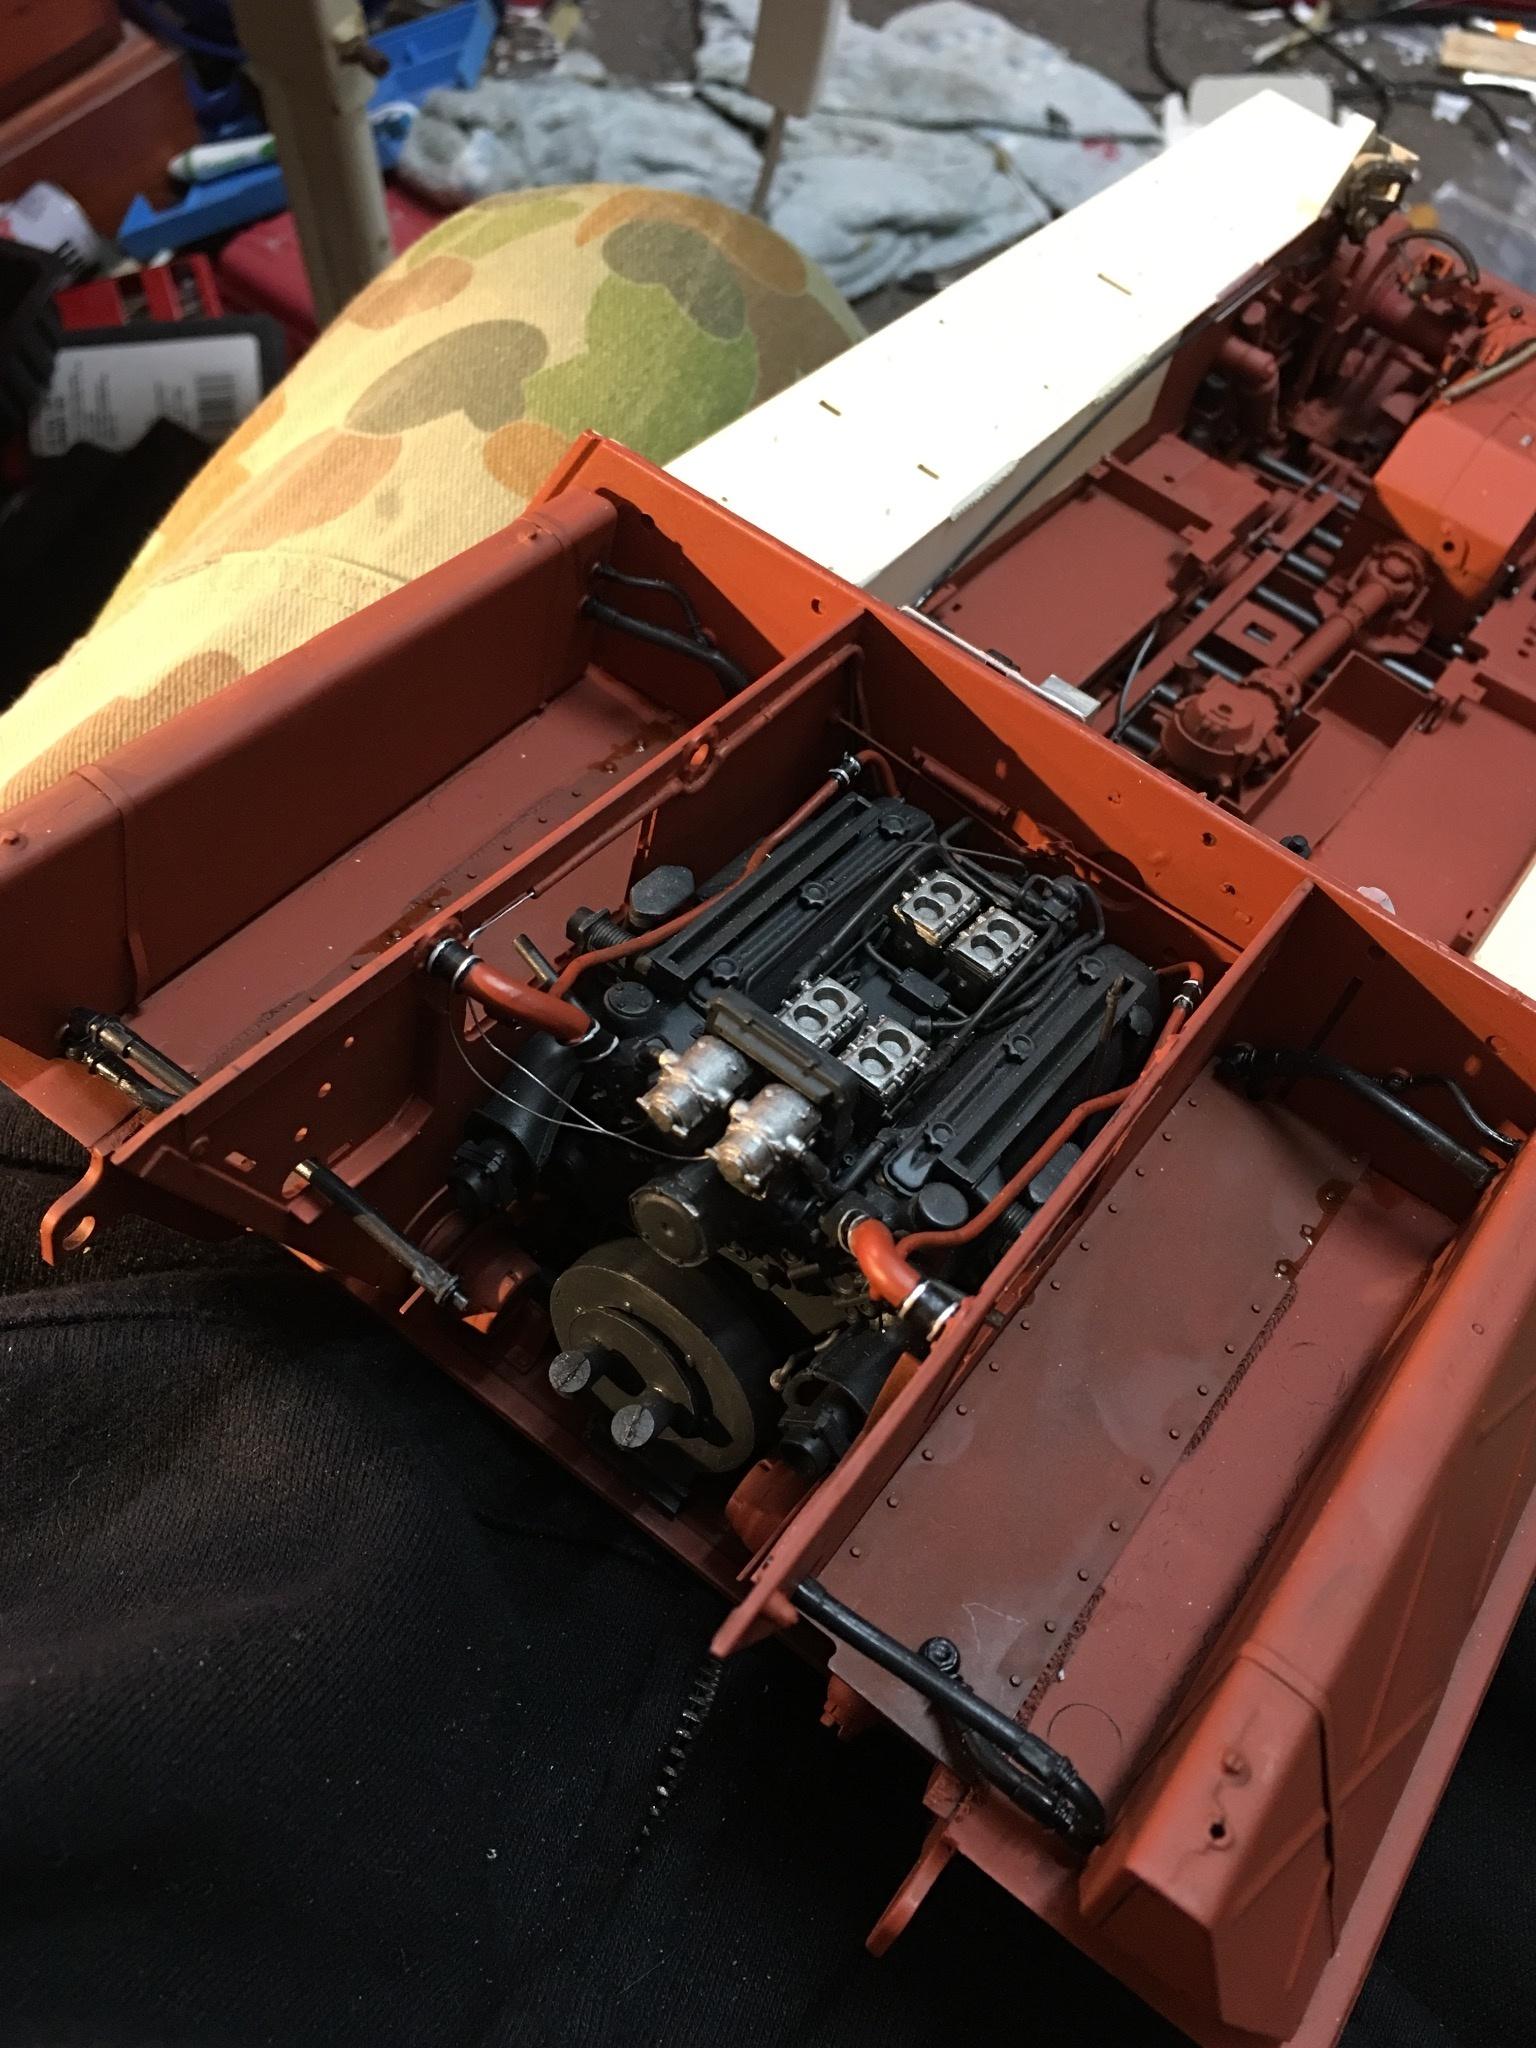 C15E9E79-BA4E-4533-A4E6-EE7BF7C3587B.jpeg